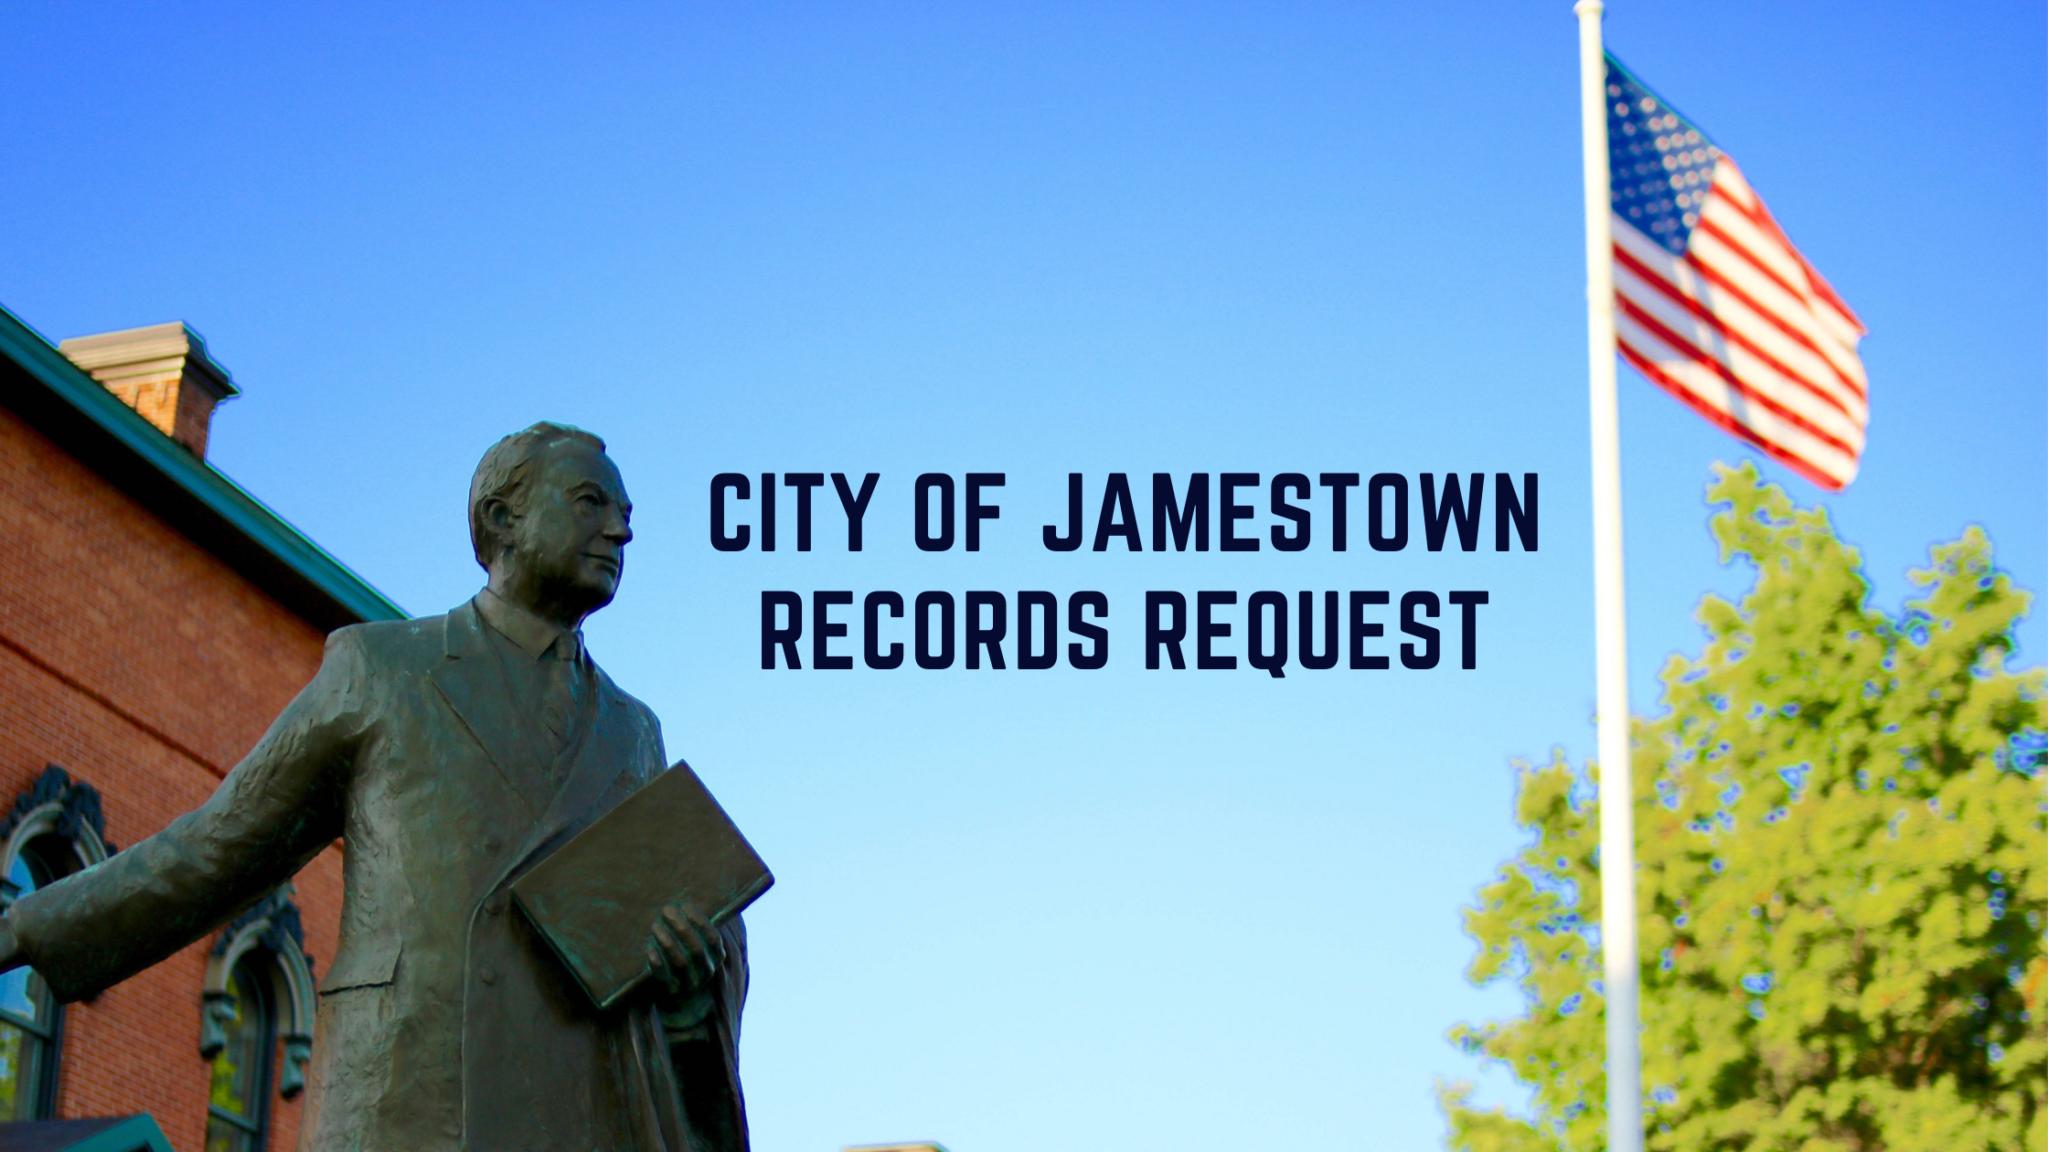 Records Request (FOIL)